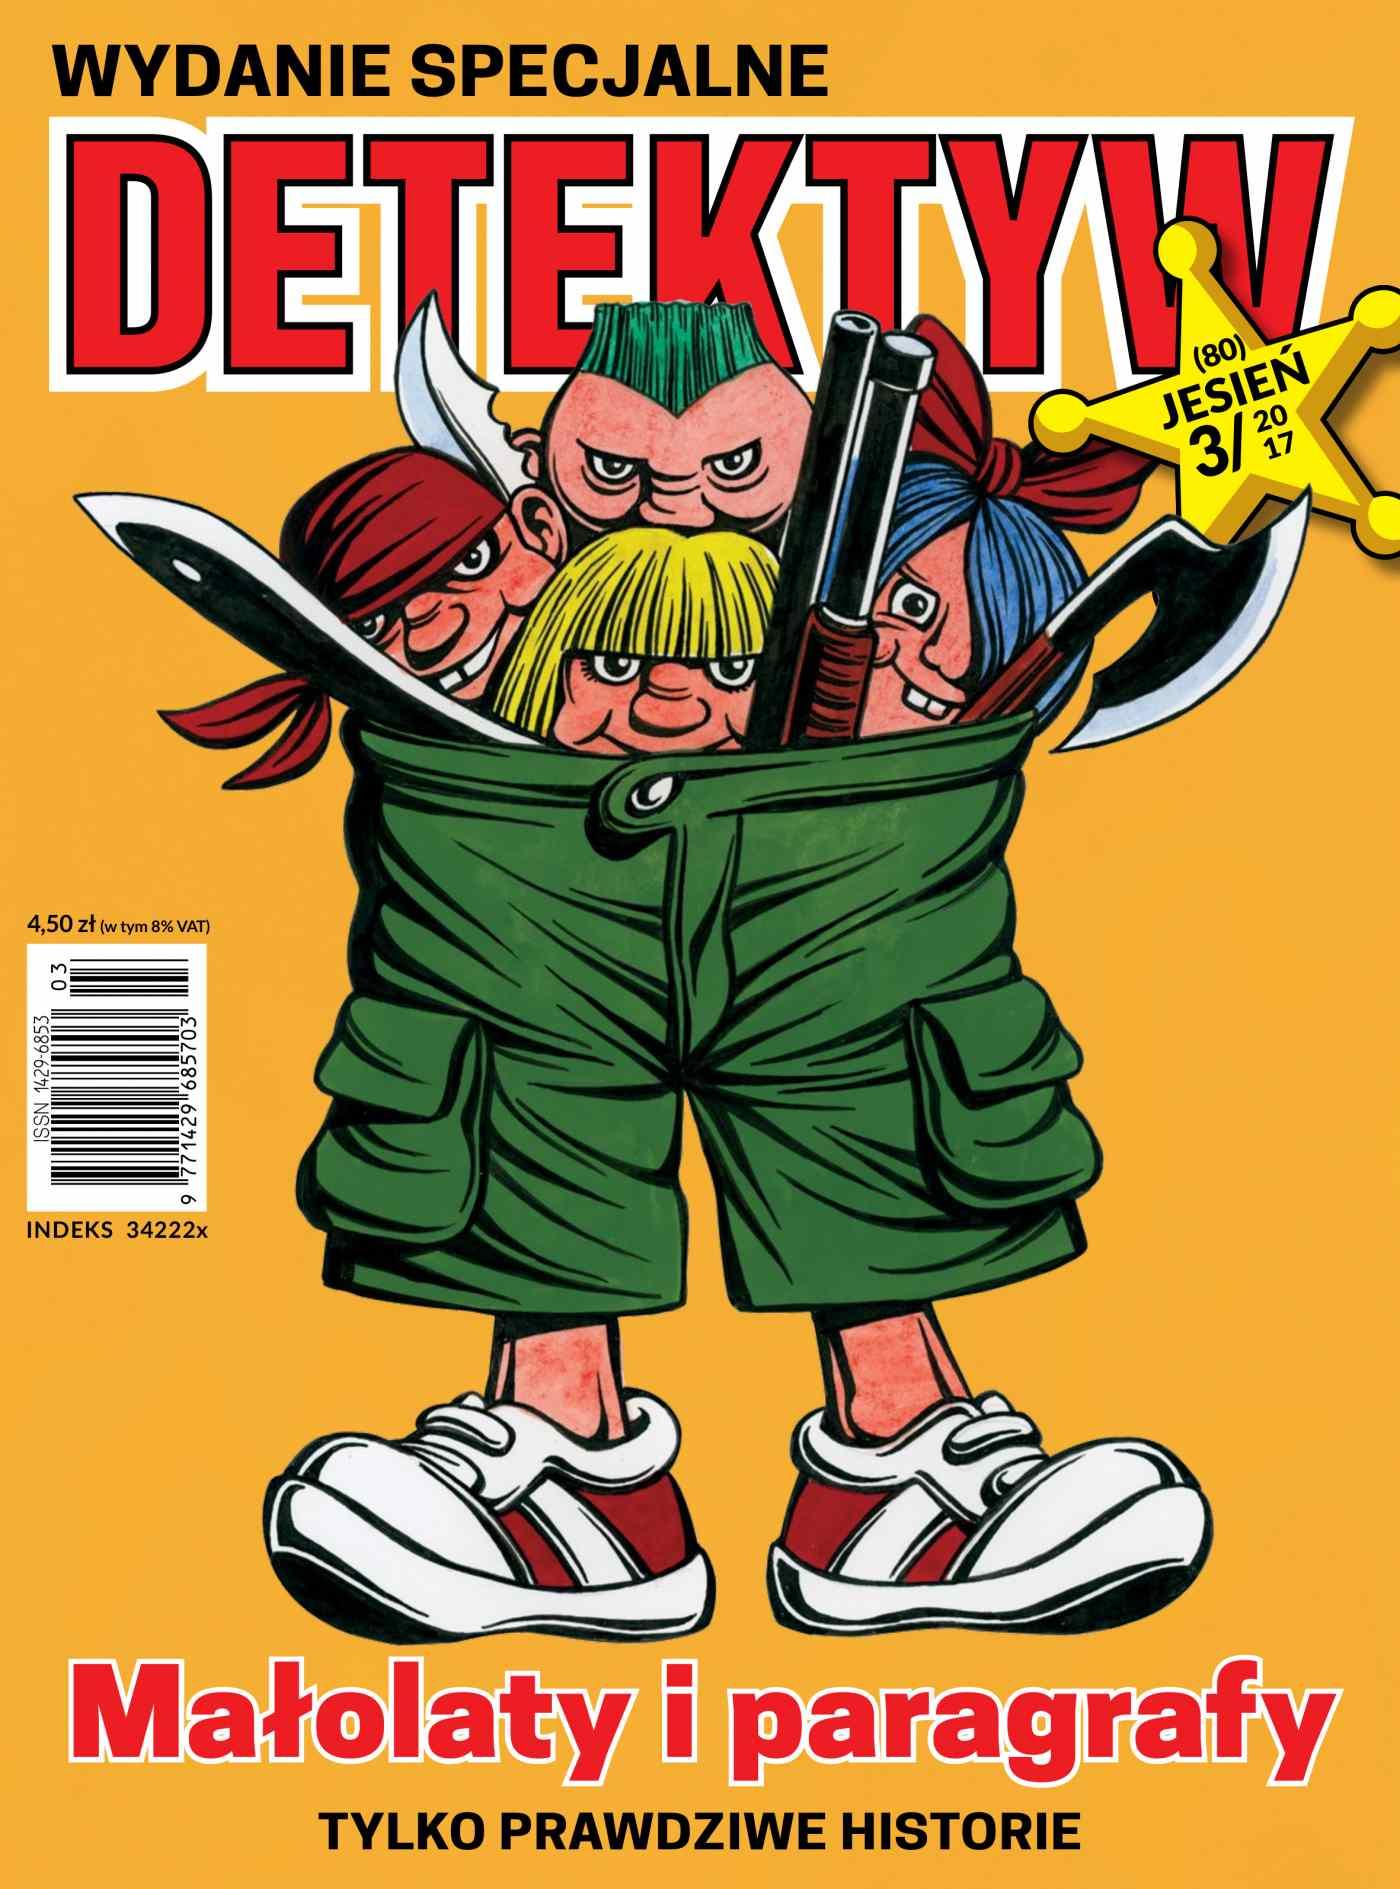 Detektyw - Wydanie Specjalne 3/2017 - Ebook (Książka PDF) do pobrania w formacie PDF